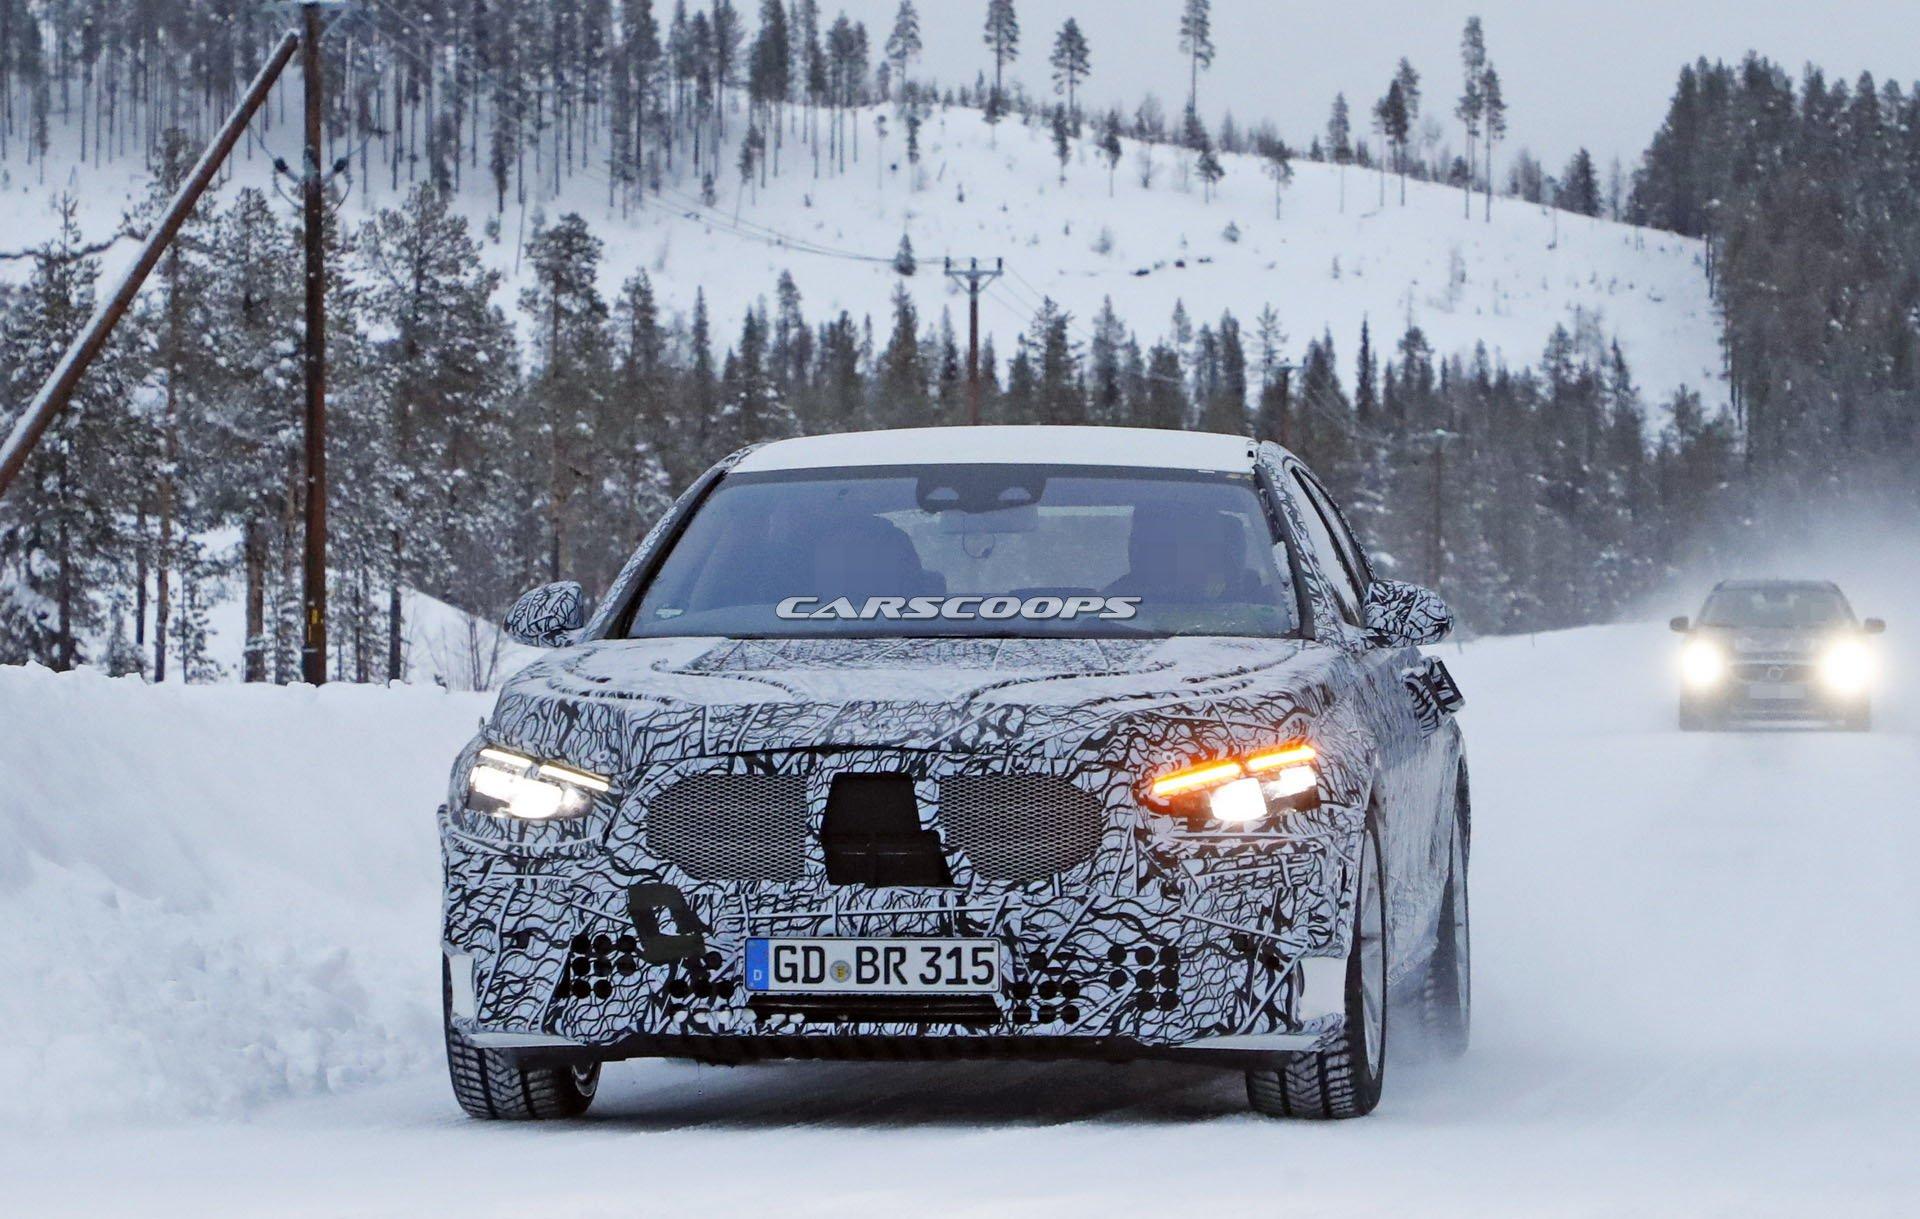 メルセデスベンツ新型「Sクラス」は2020年に発売予定!ハイテク装備と新開発エンジンを搭載!